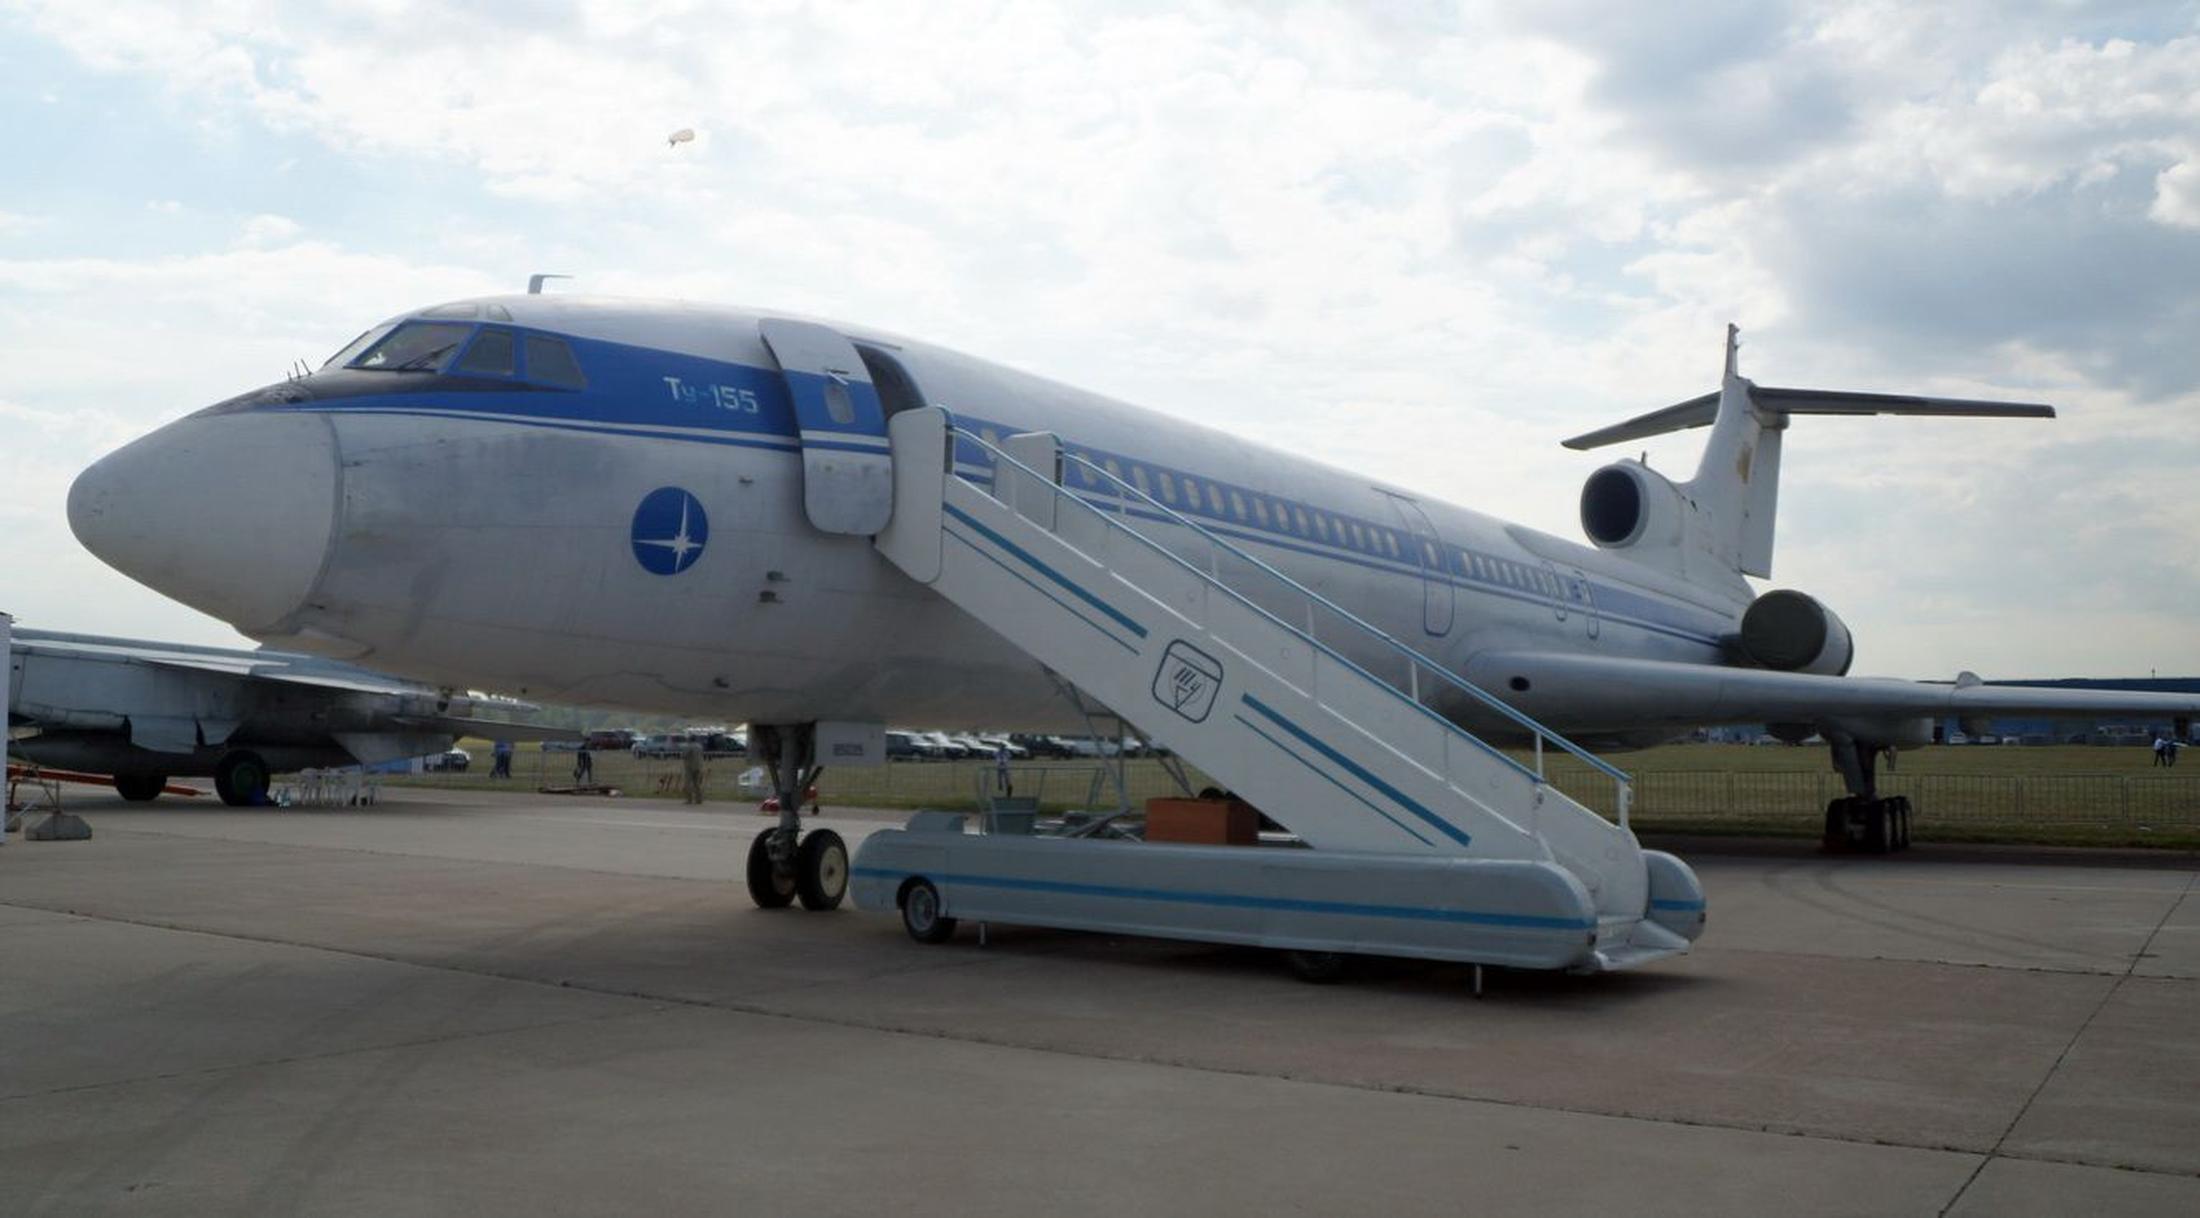 Первый полёт с водородом в качестве топлива был совершен в 1988 году